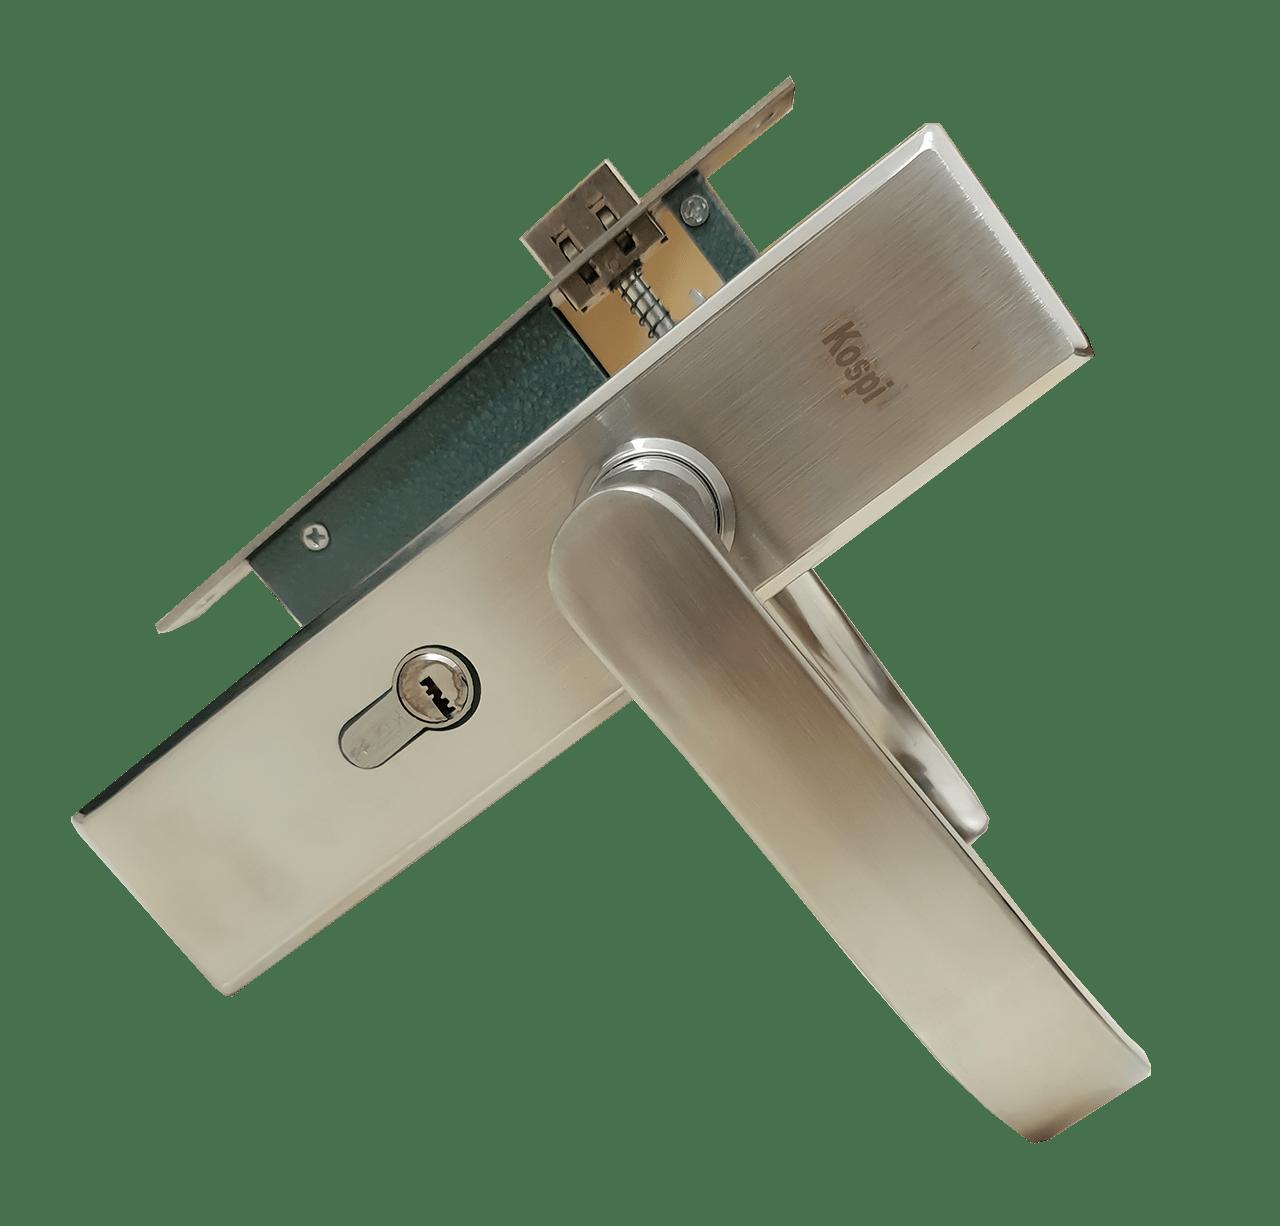 Tìm hiểu về các loại khóa cửa chống cháy thường dùng